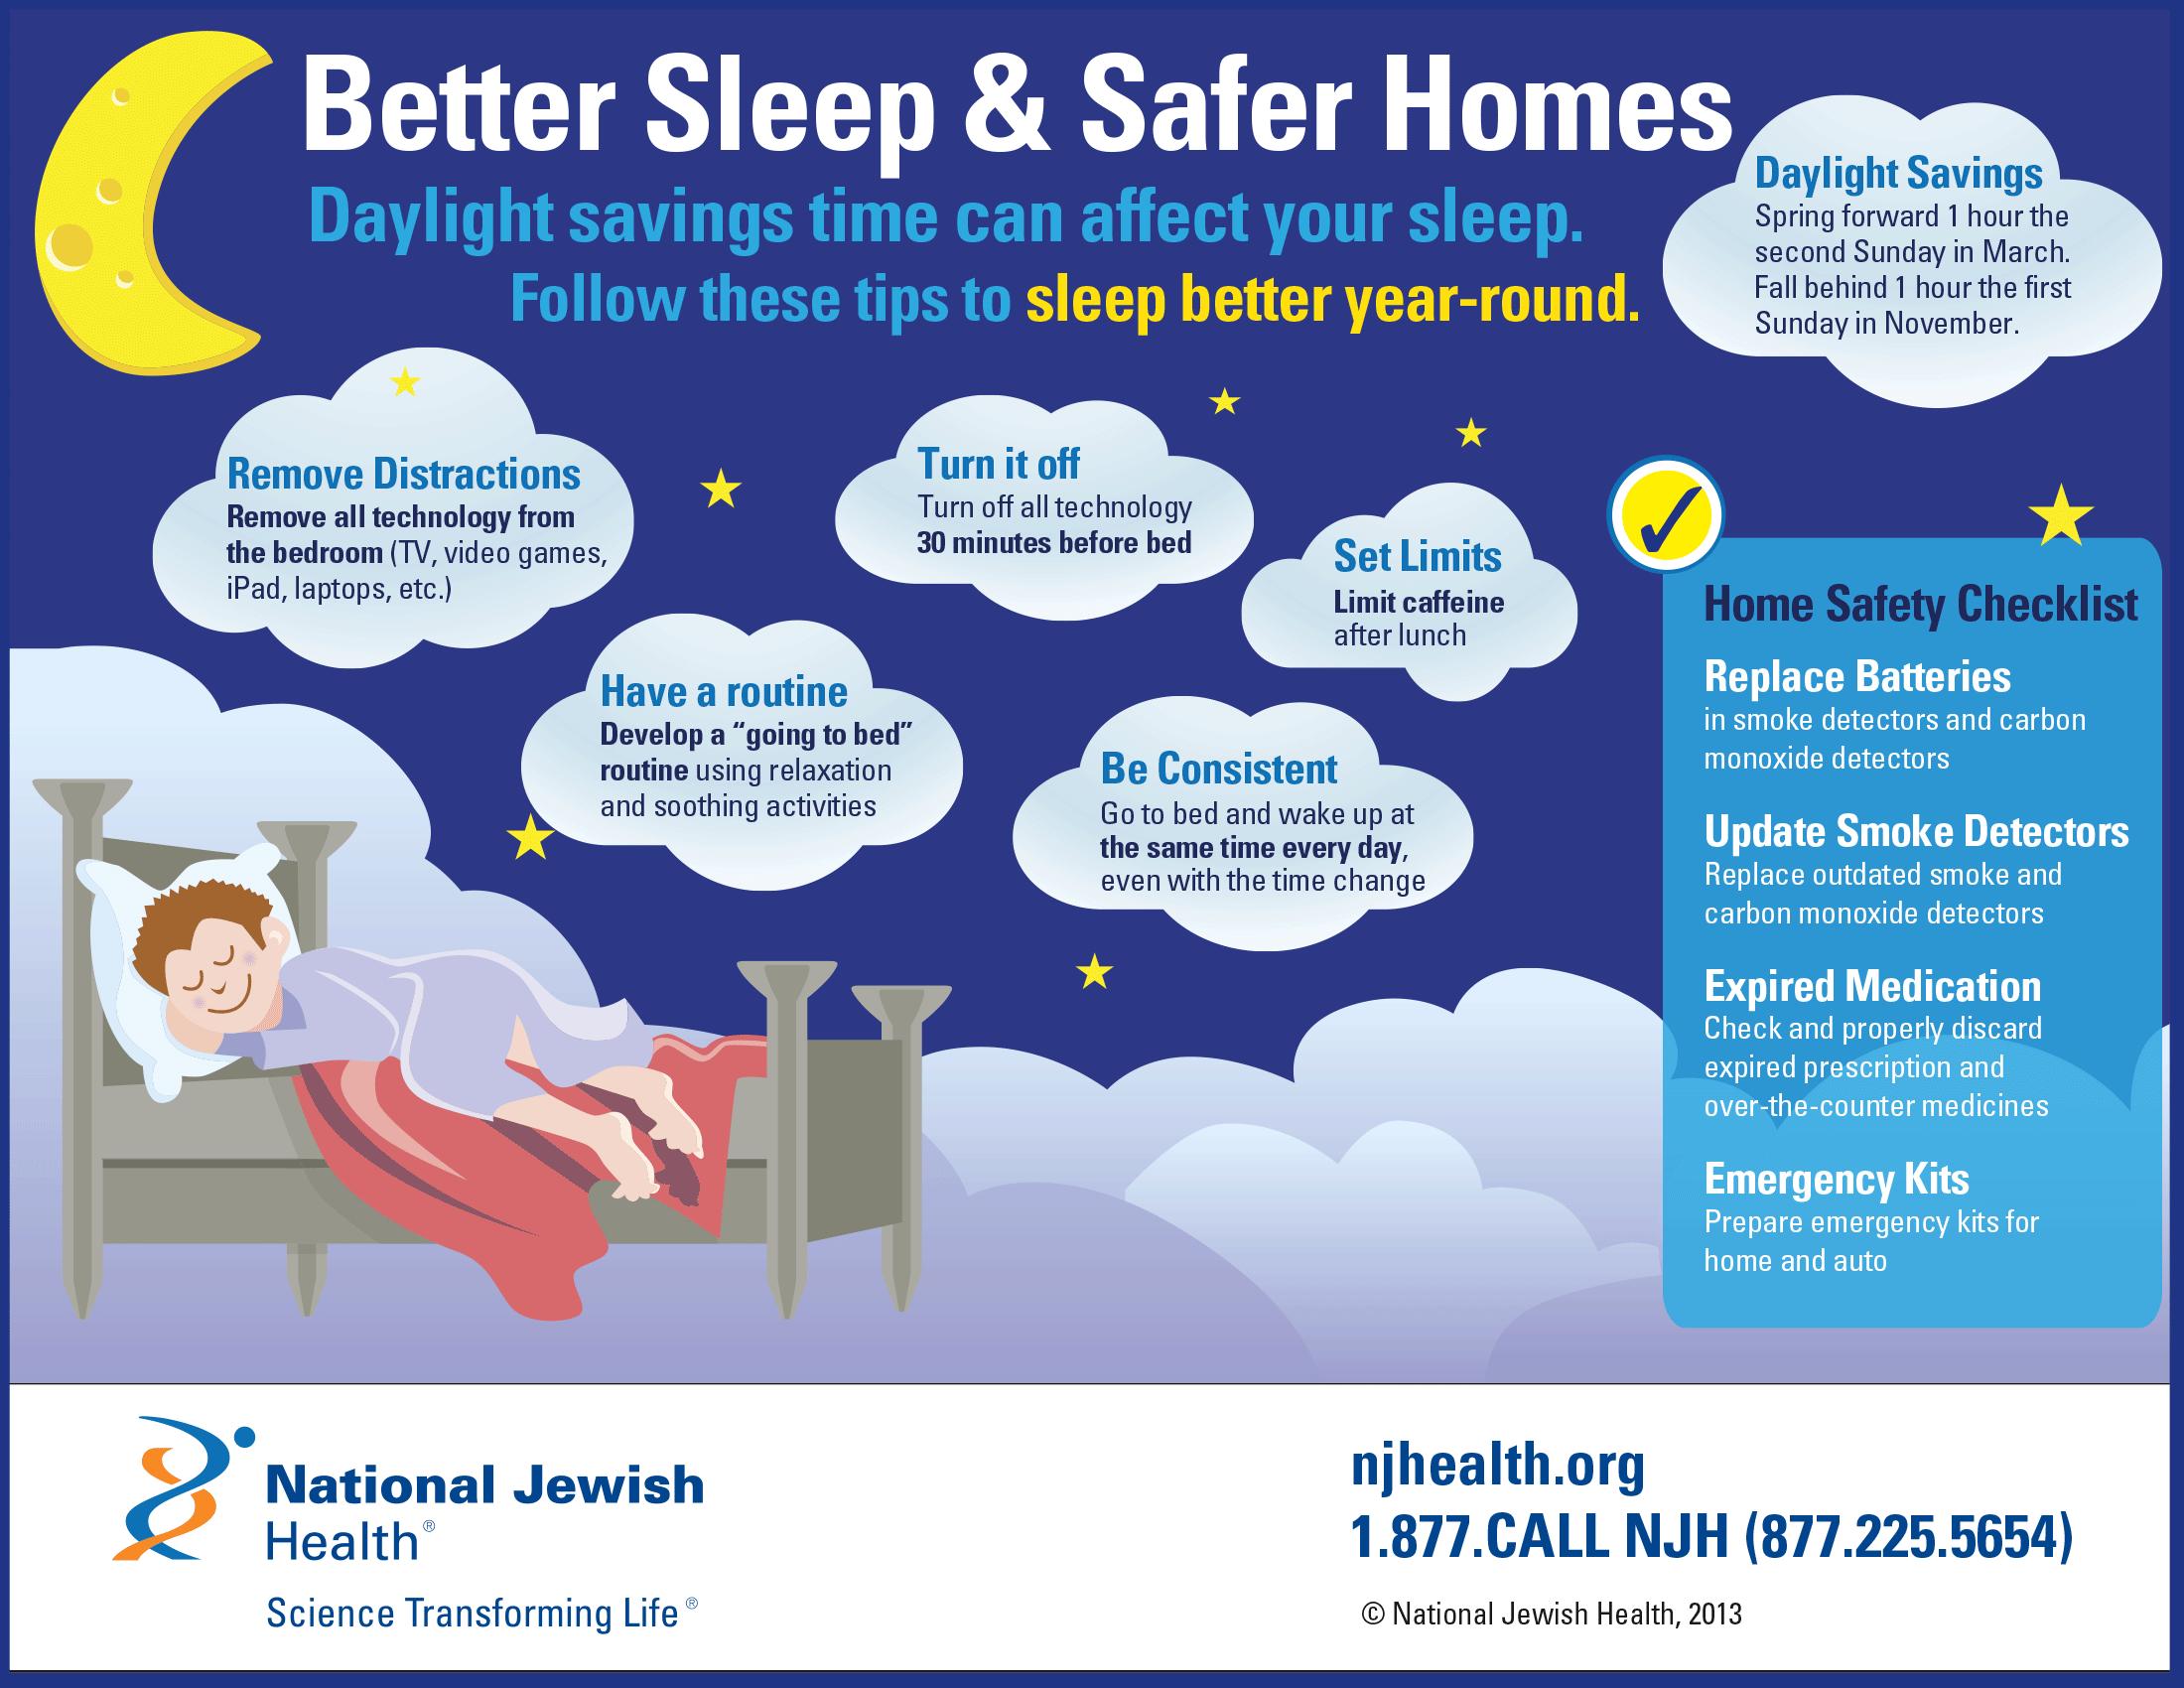 Daylight Savings and Sleep: Better Sleep and Safer Homes